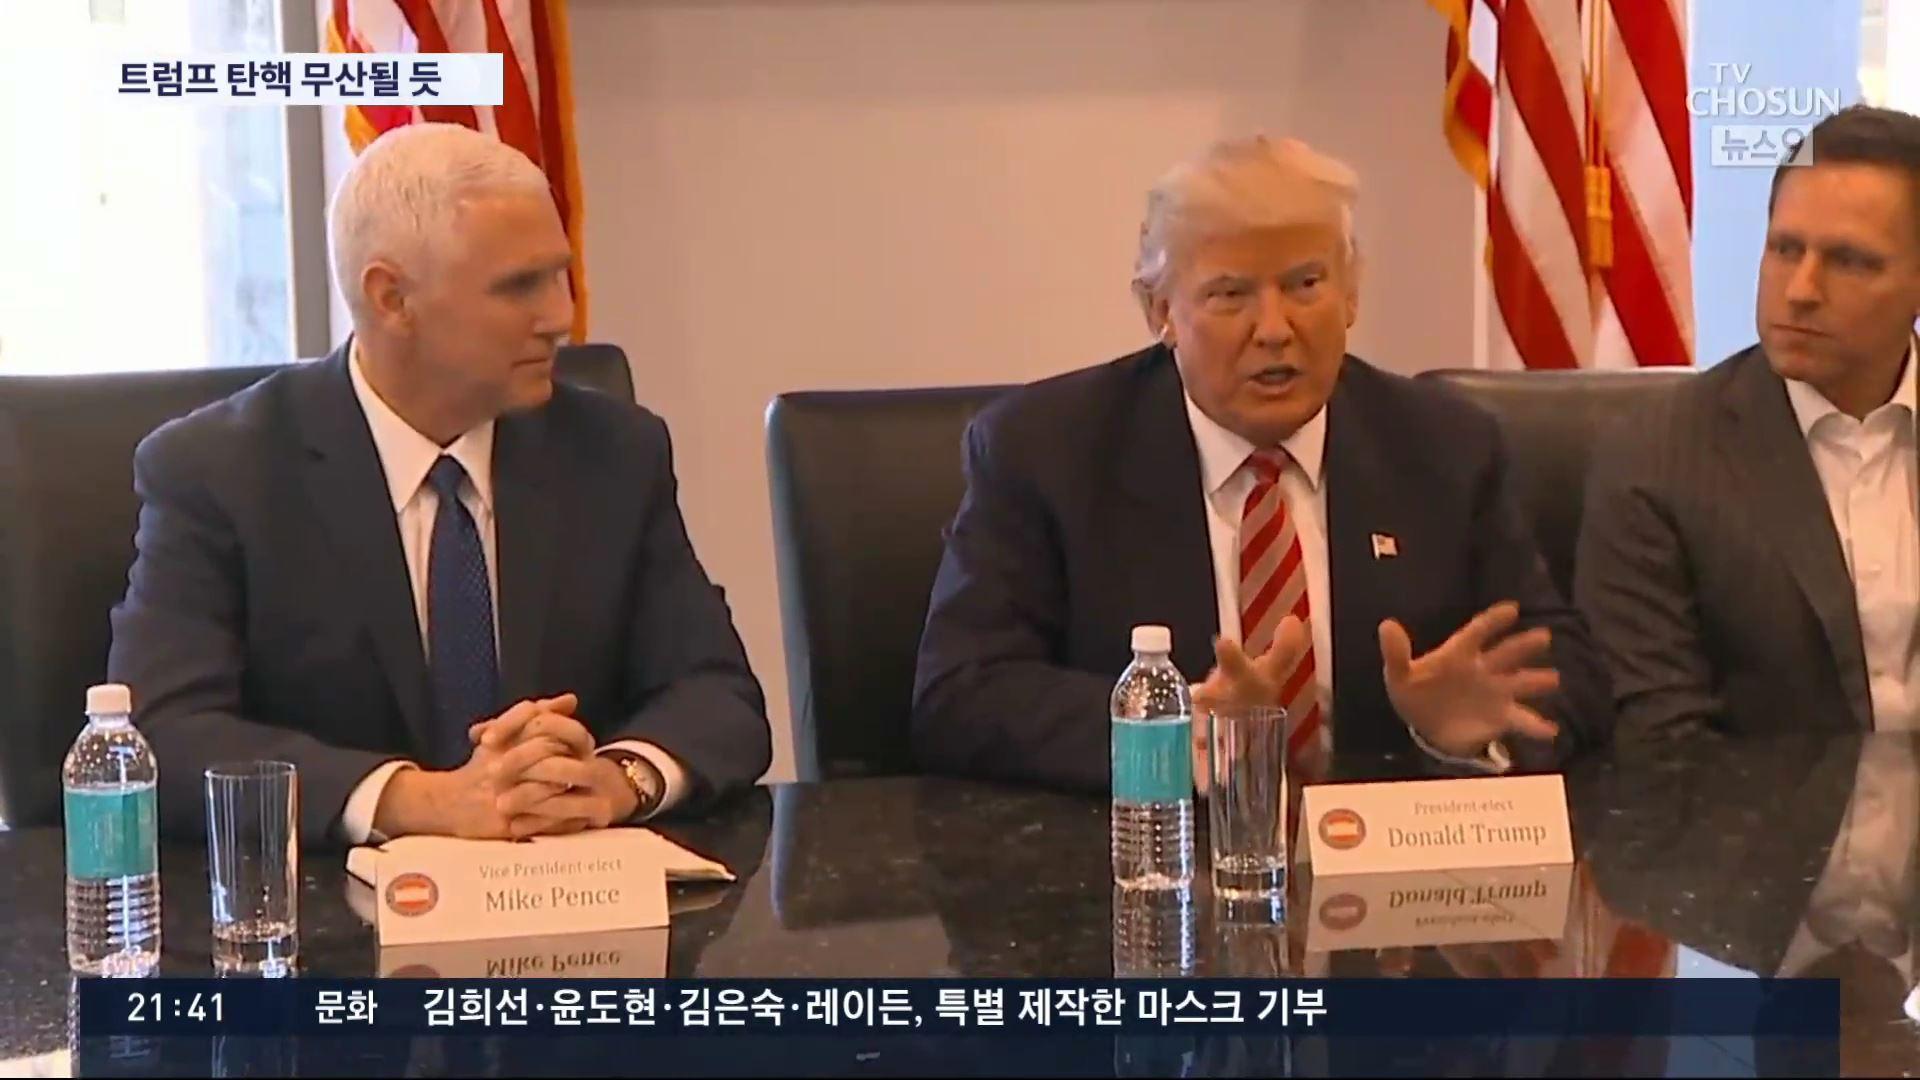 '퇴임자 탄핵은 위헌'에 공화 몰표…트럼프 탄핵 물 건너갈 듯